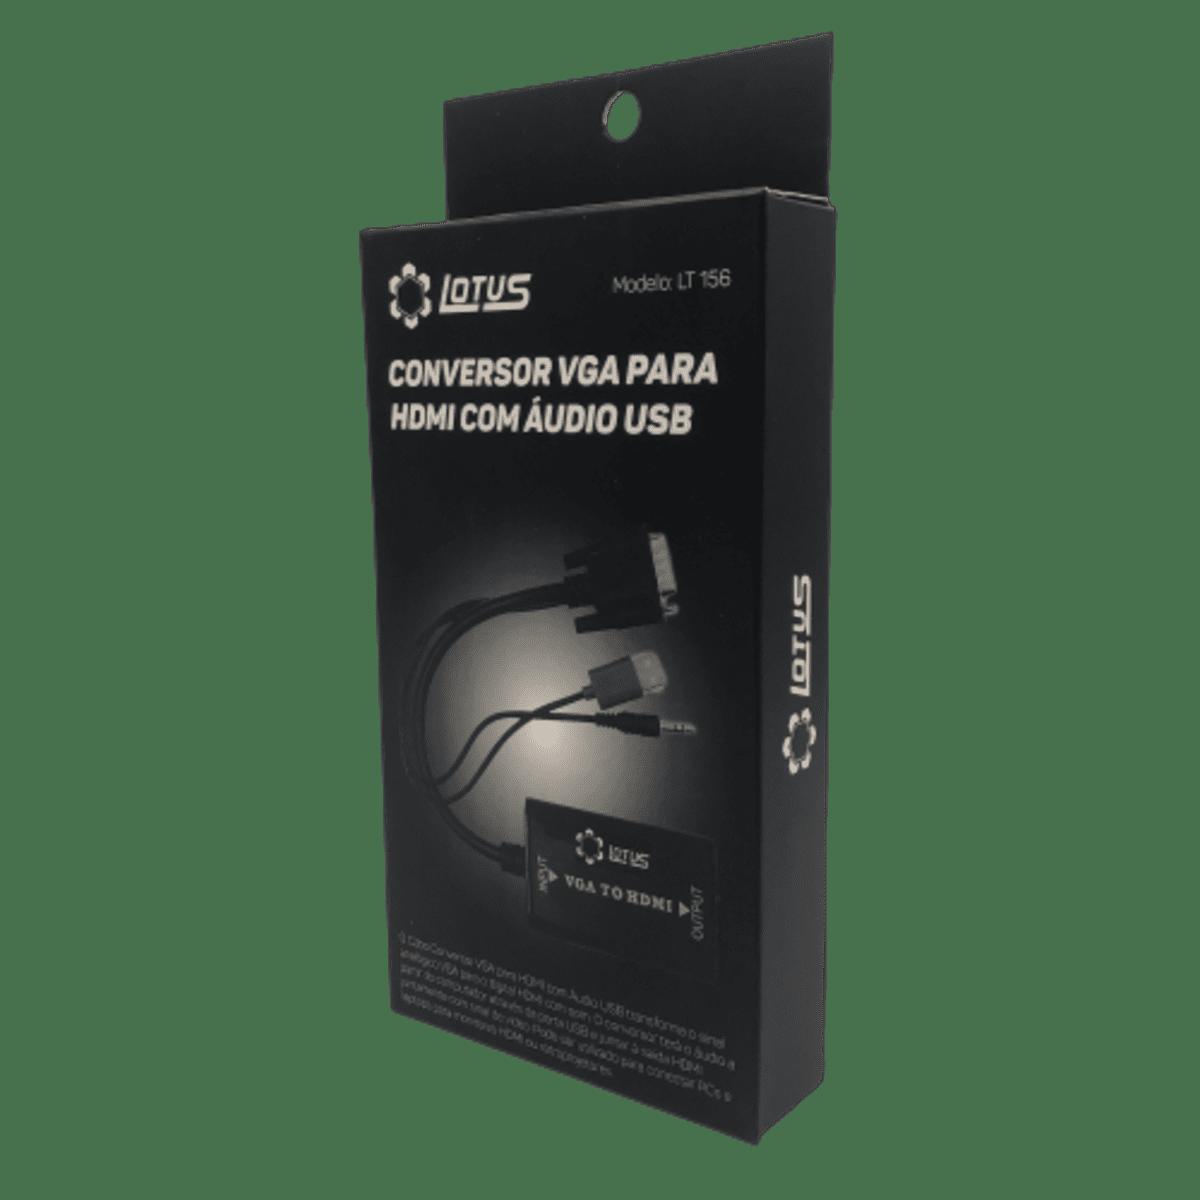 Conversor VGA para HDMI com Áudio USB LT-156 Lotus